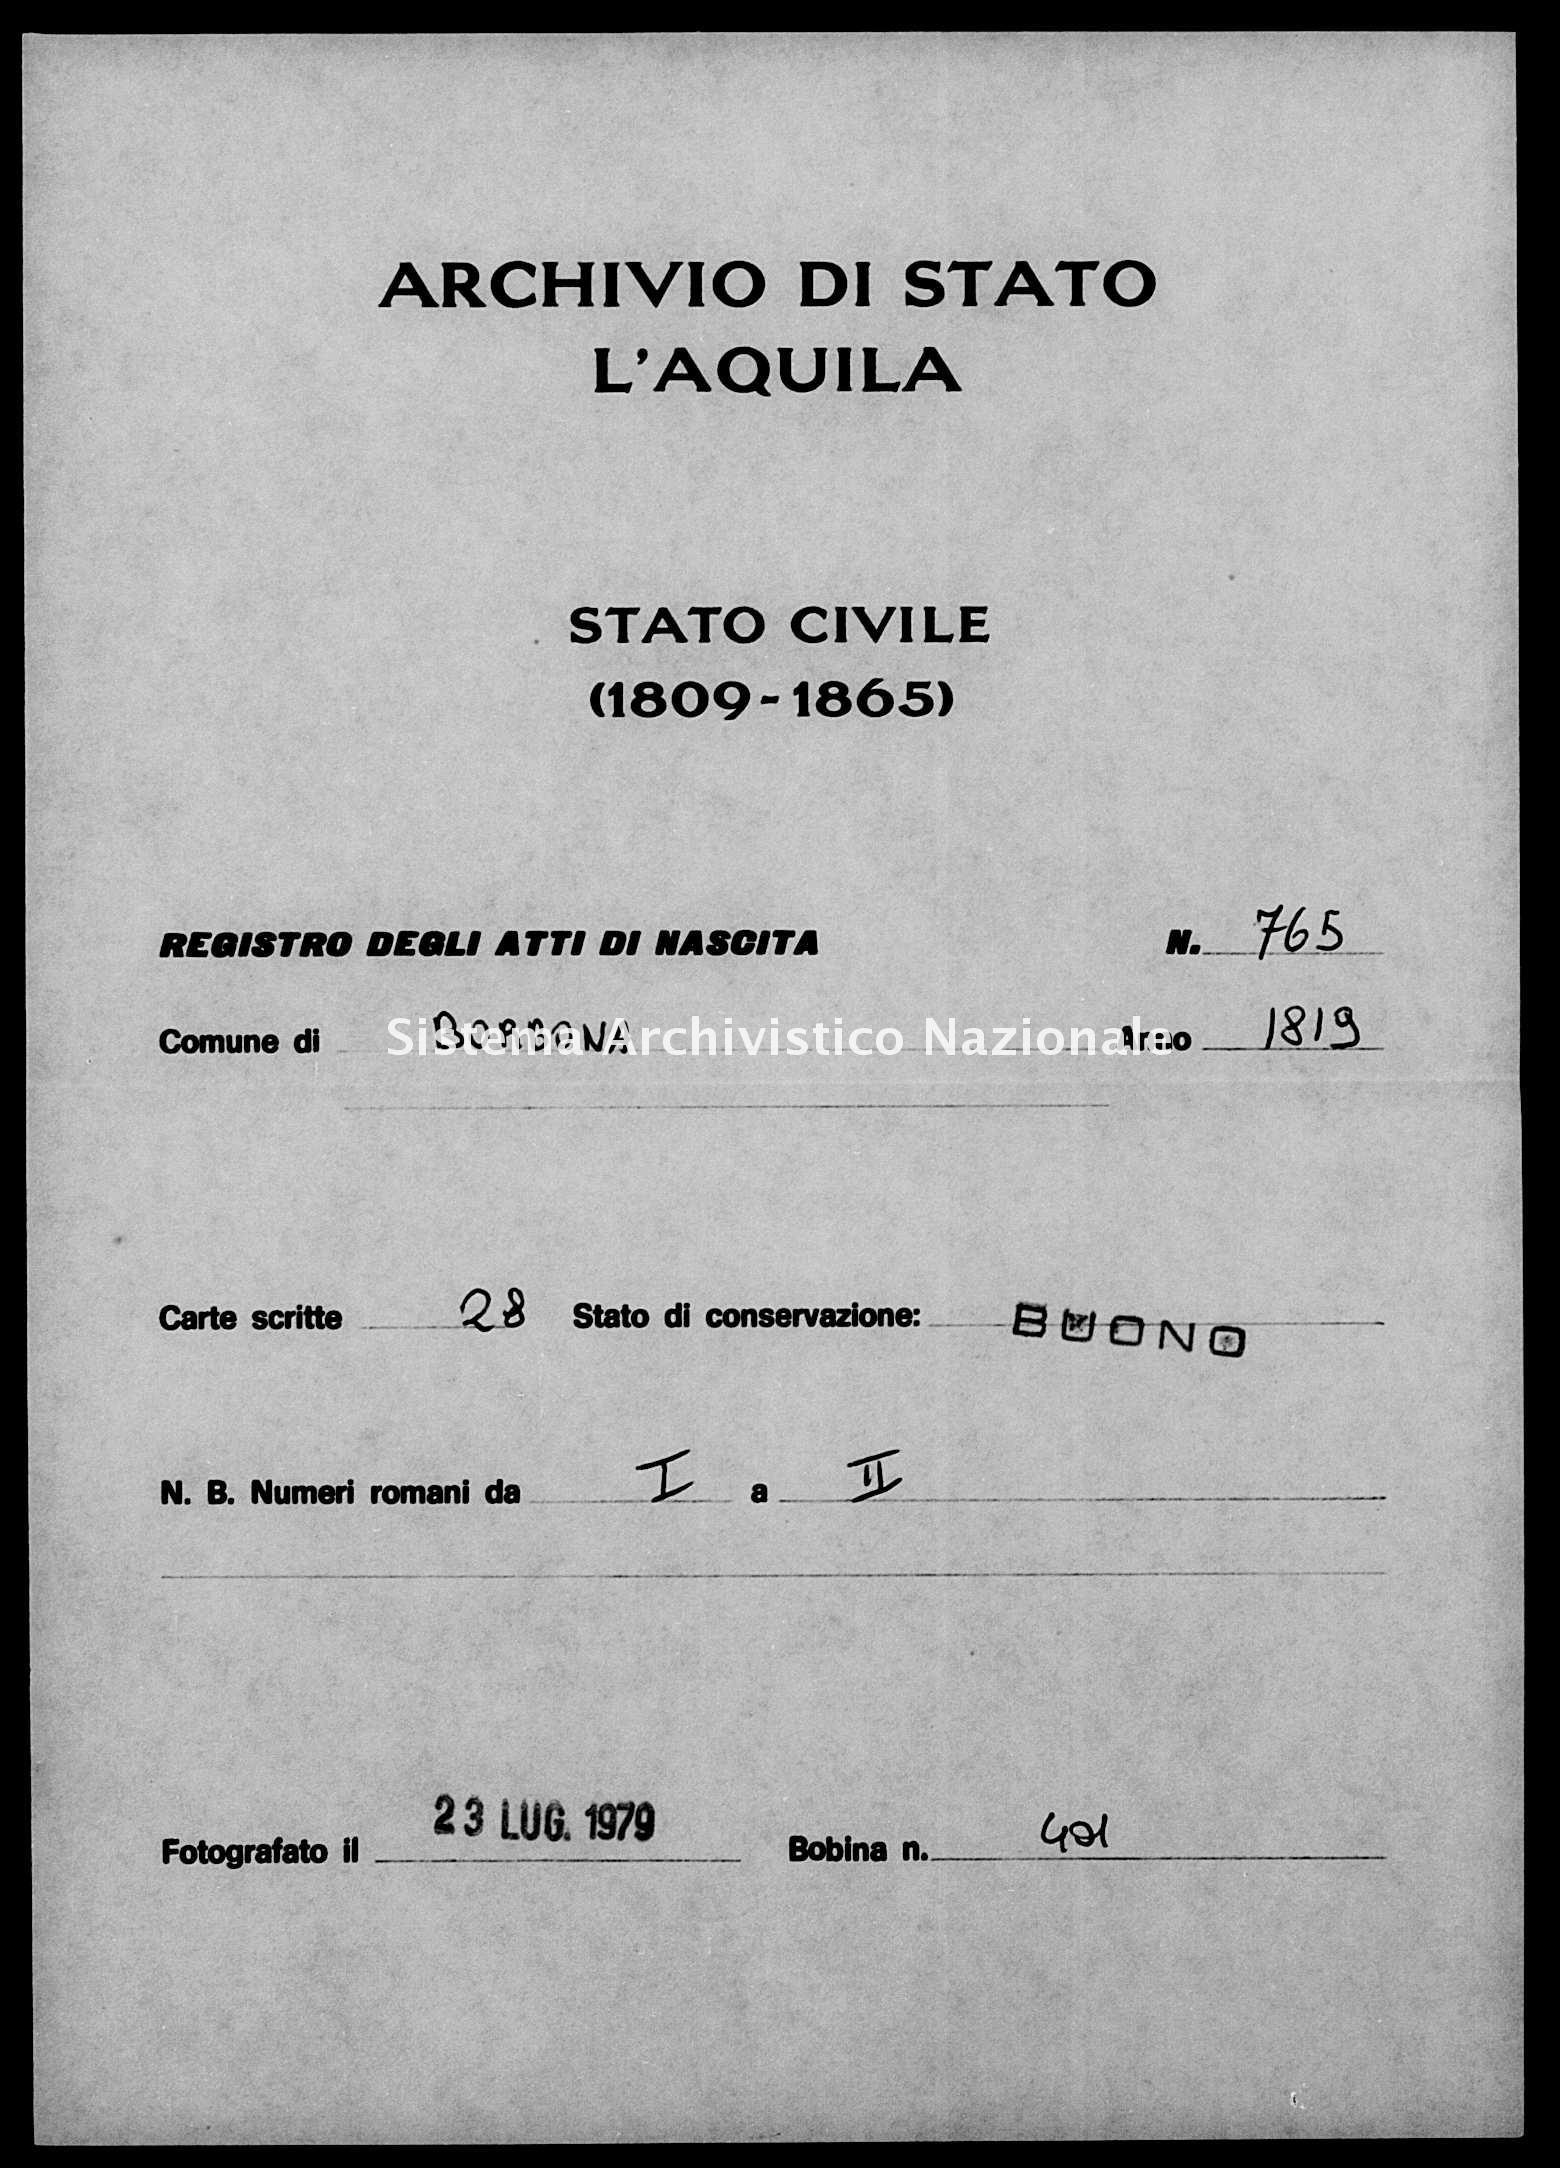 Archivio di stato di L'aquila - Stato civile della restaurazione - Borbona - Nati - 1819 - 765 -